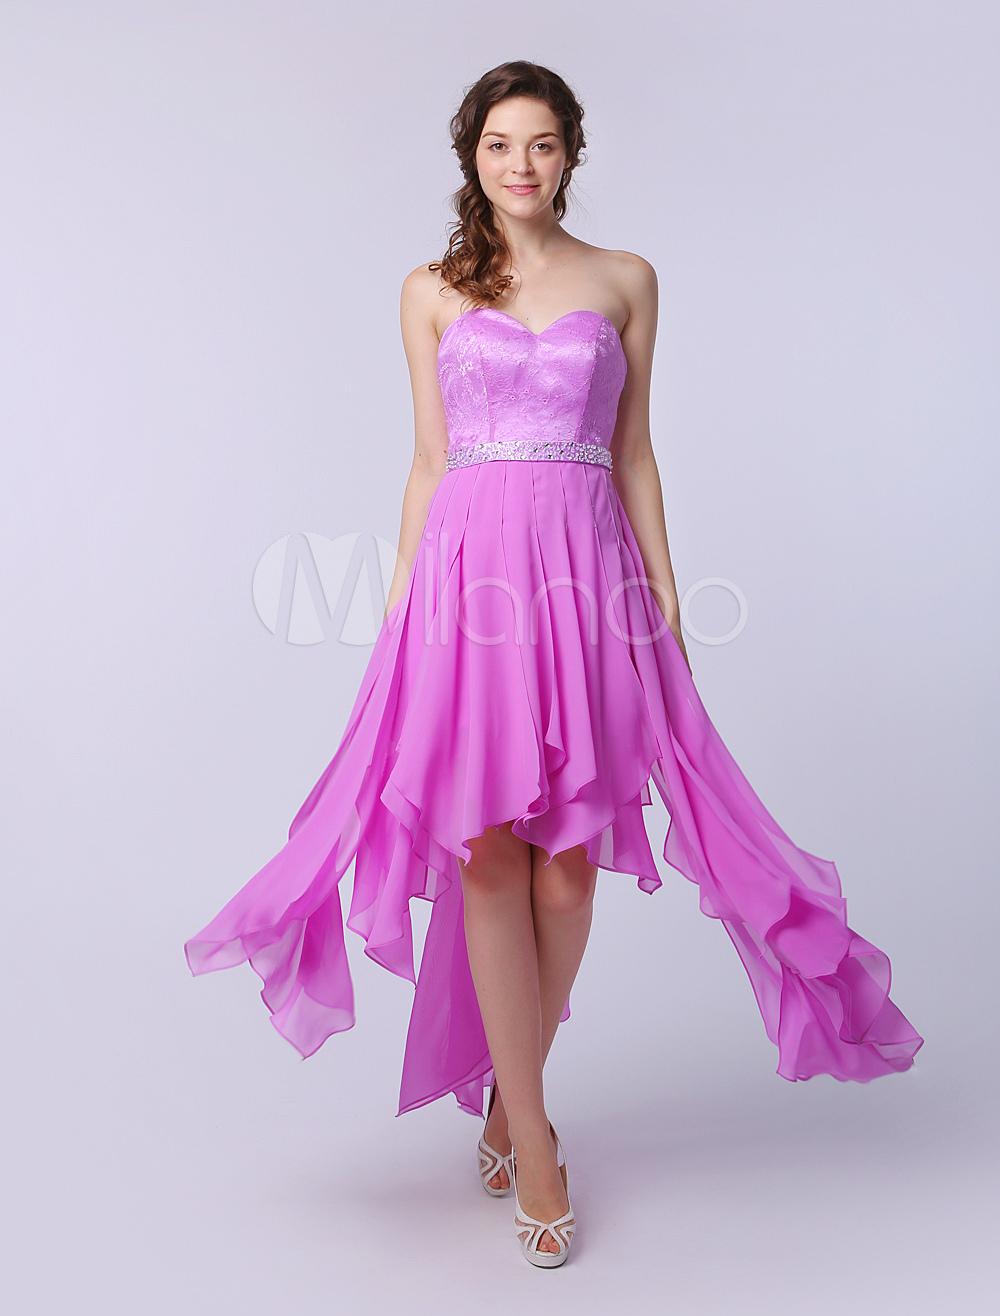 Vestido de fiesta de chifón de color lila con escote en corazón ...